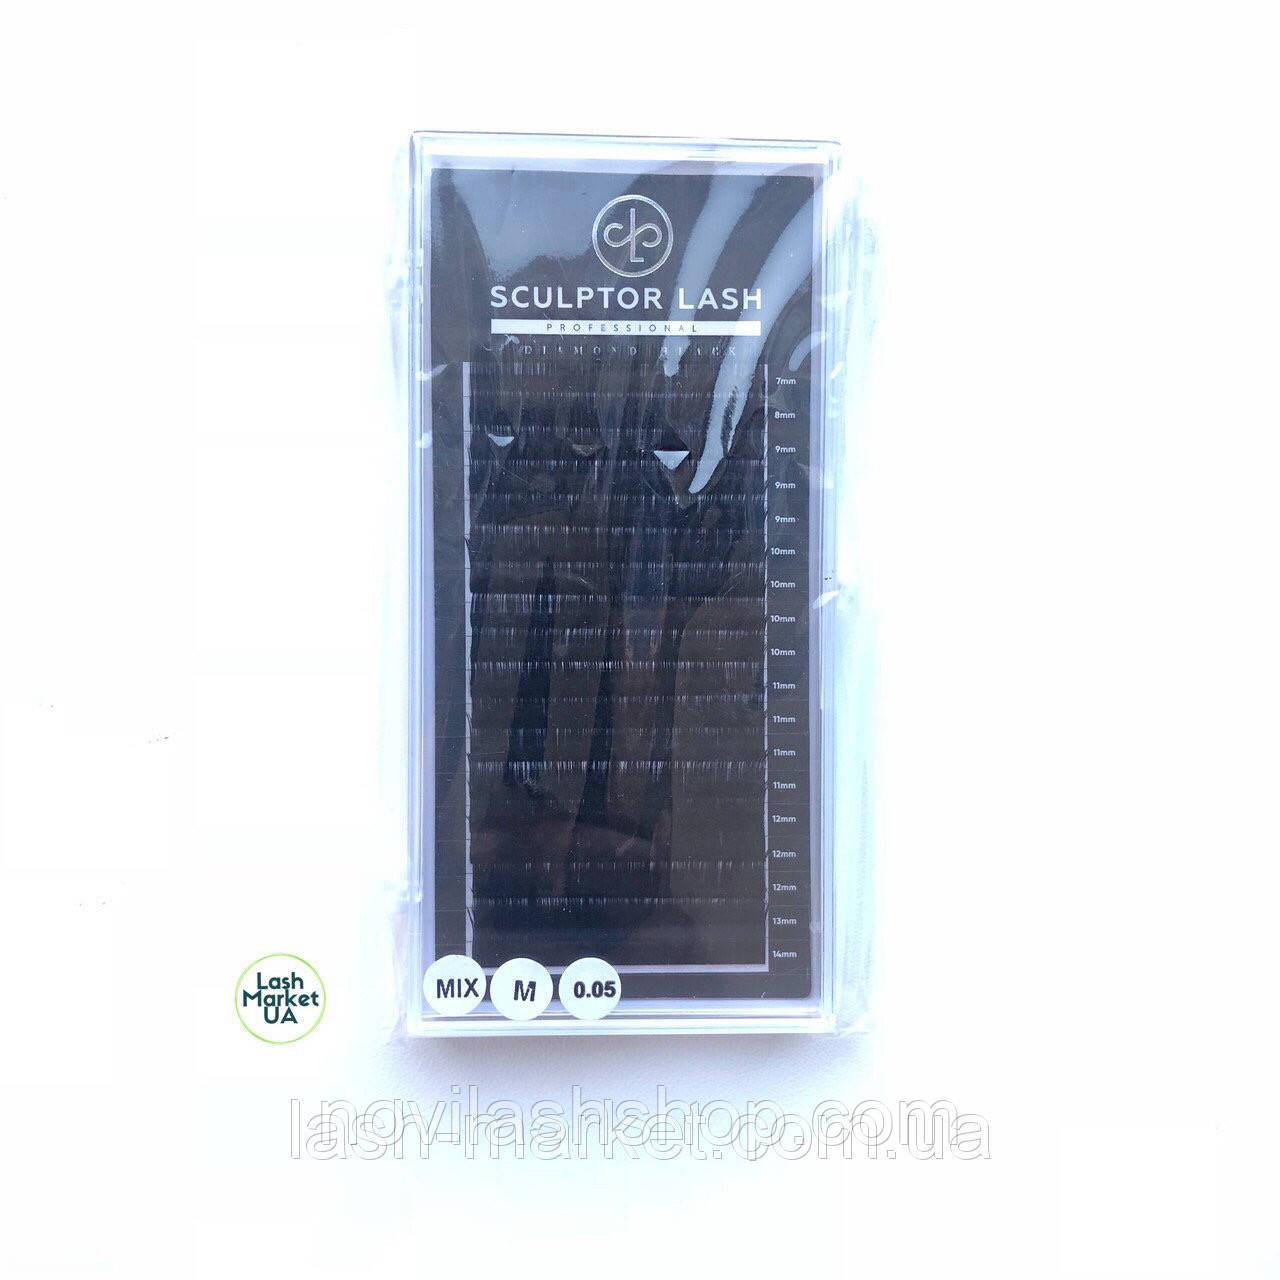 Вії mix М 0.10 (7-13 мм) Sculptor Lash Diamond Black